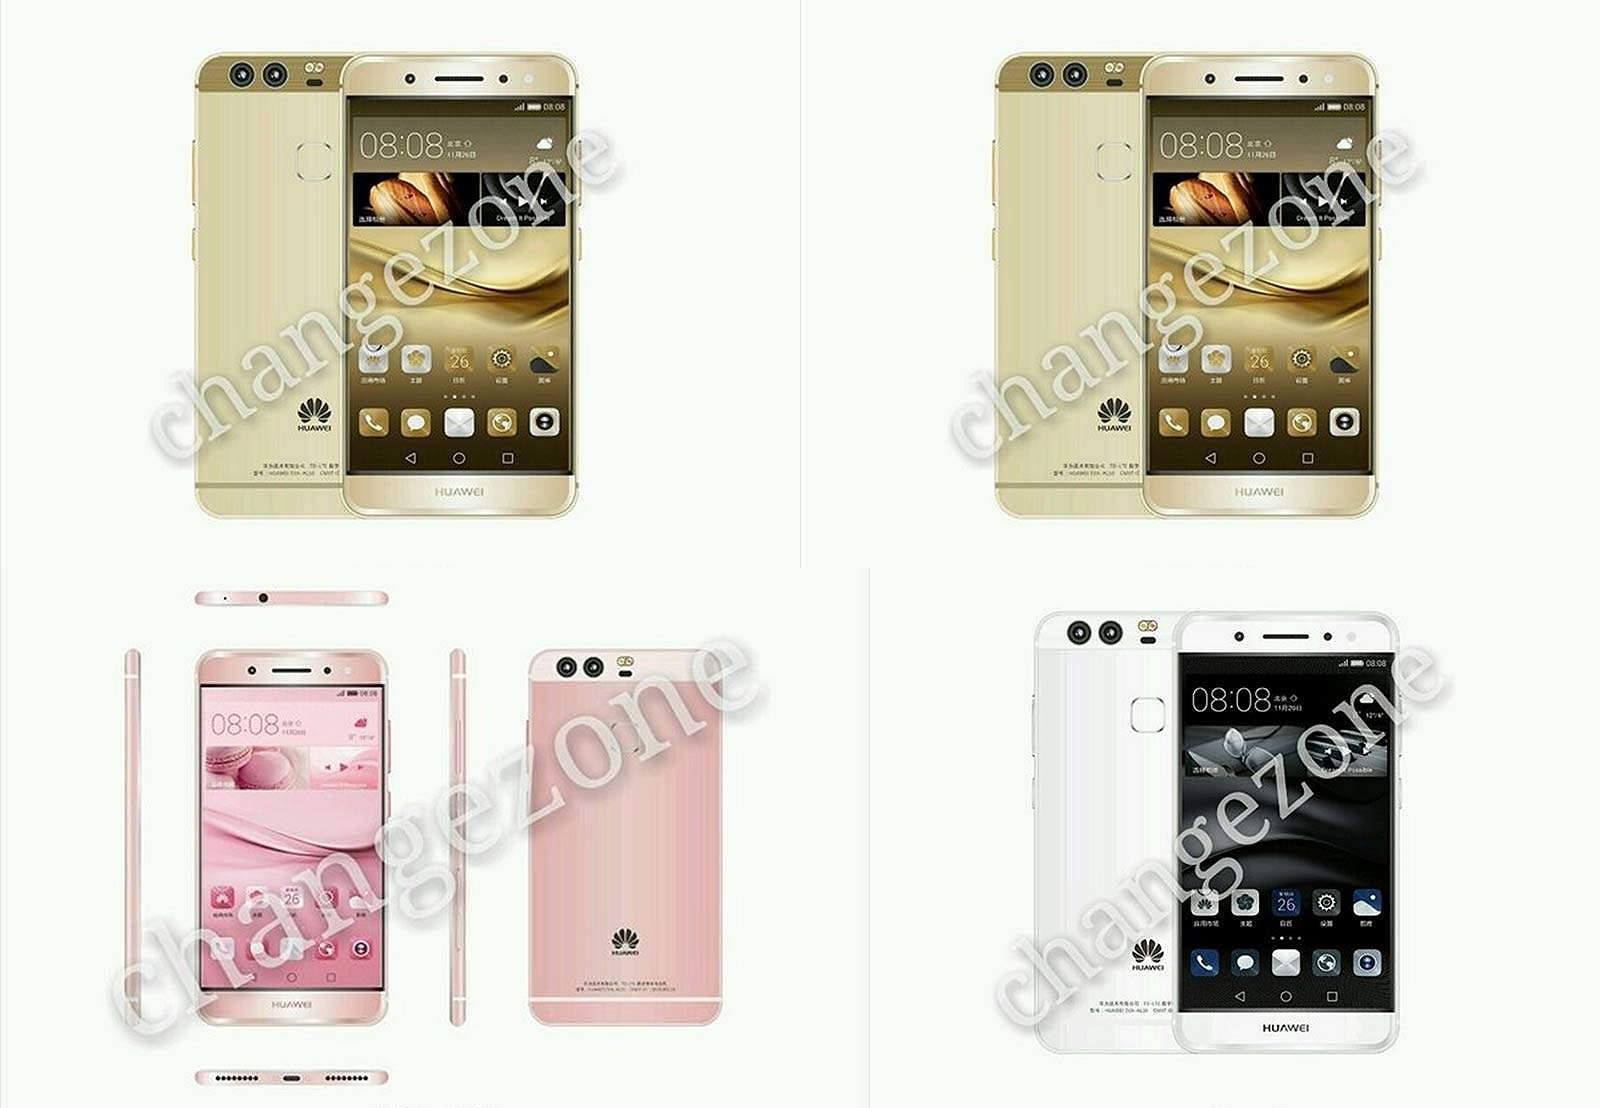 Sind das die ersten Bilder zum Huawei P9?